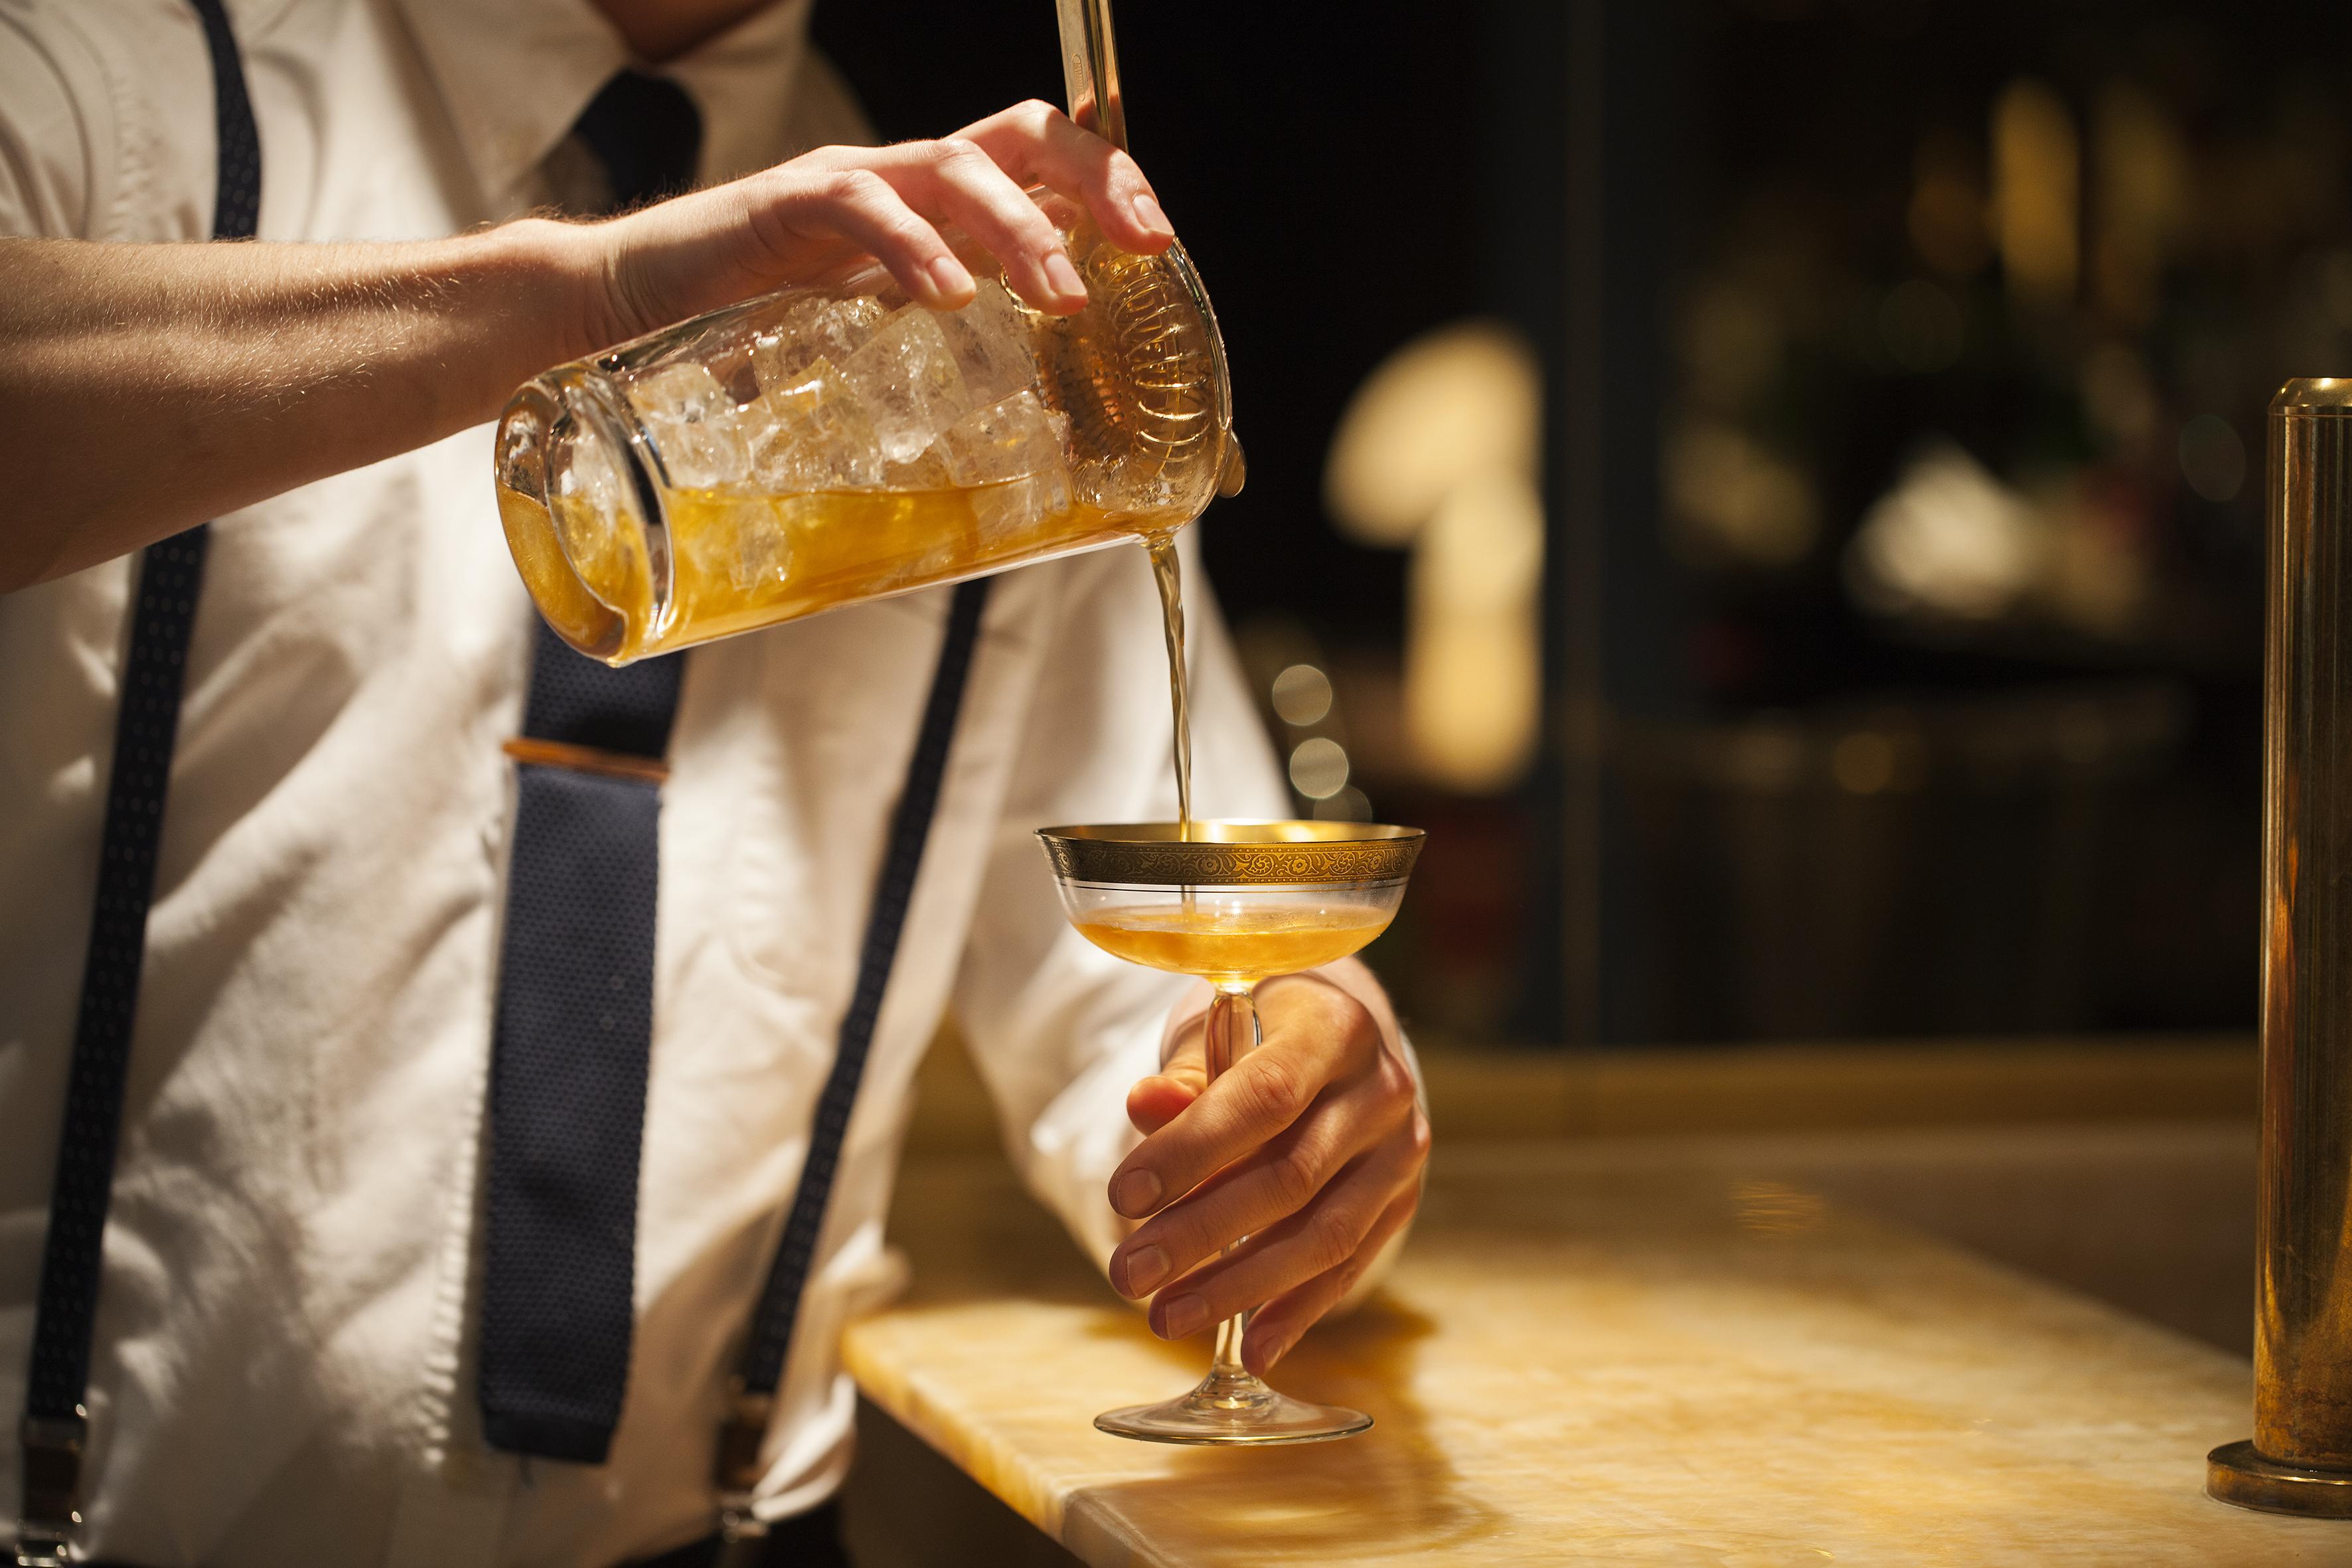 uldbaren bartender